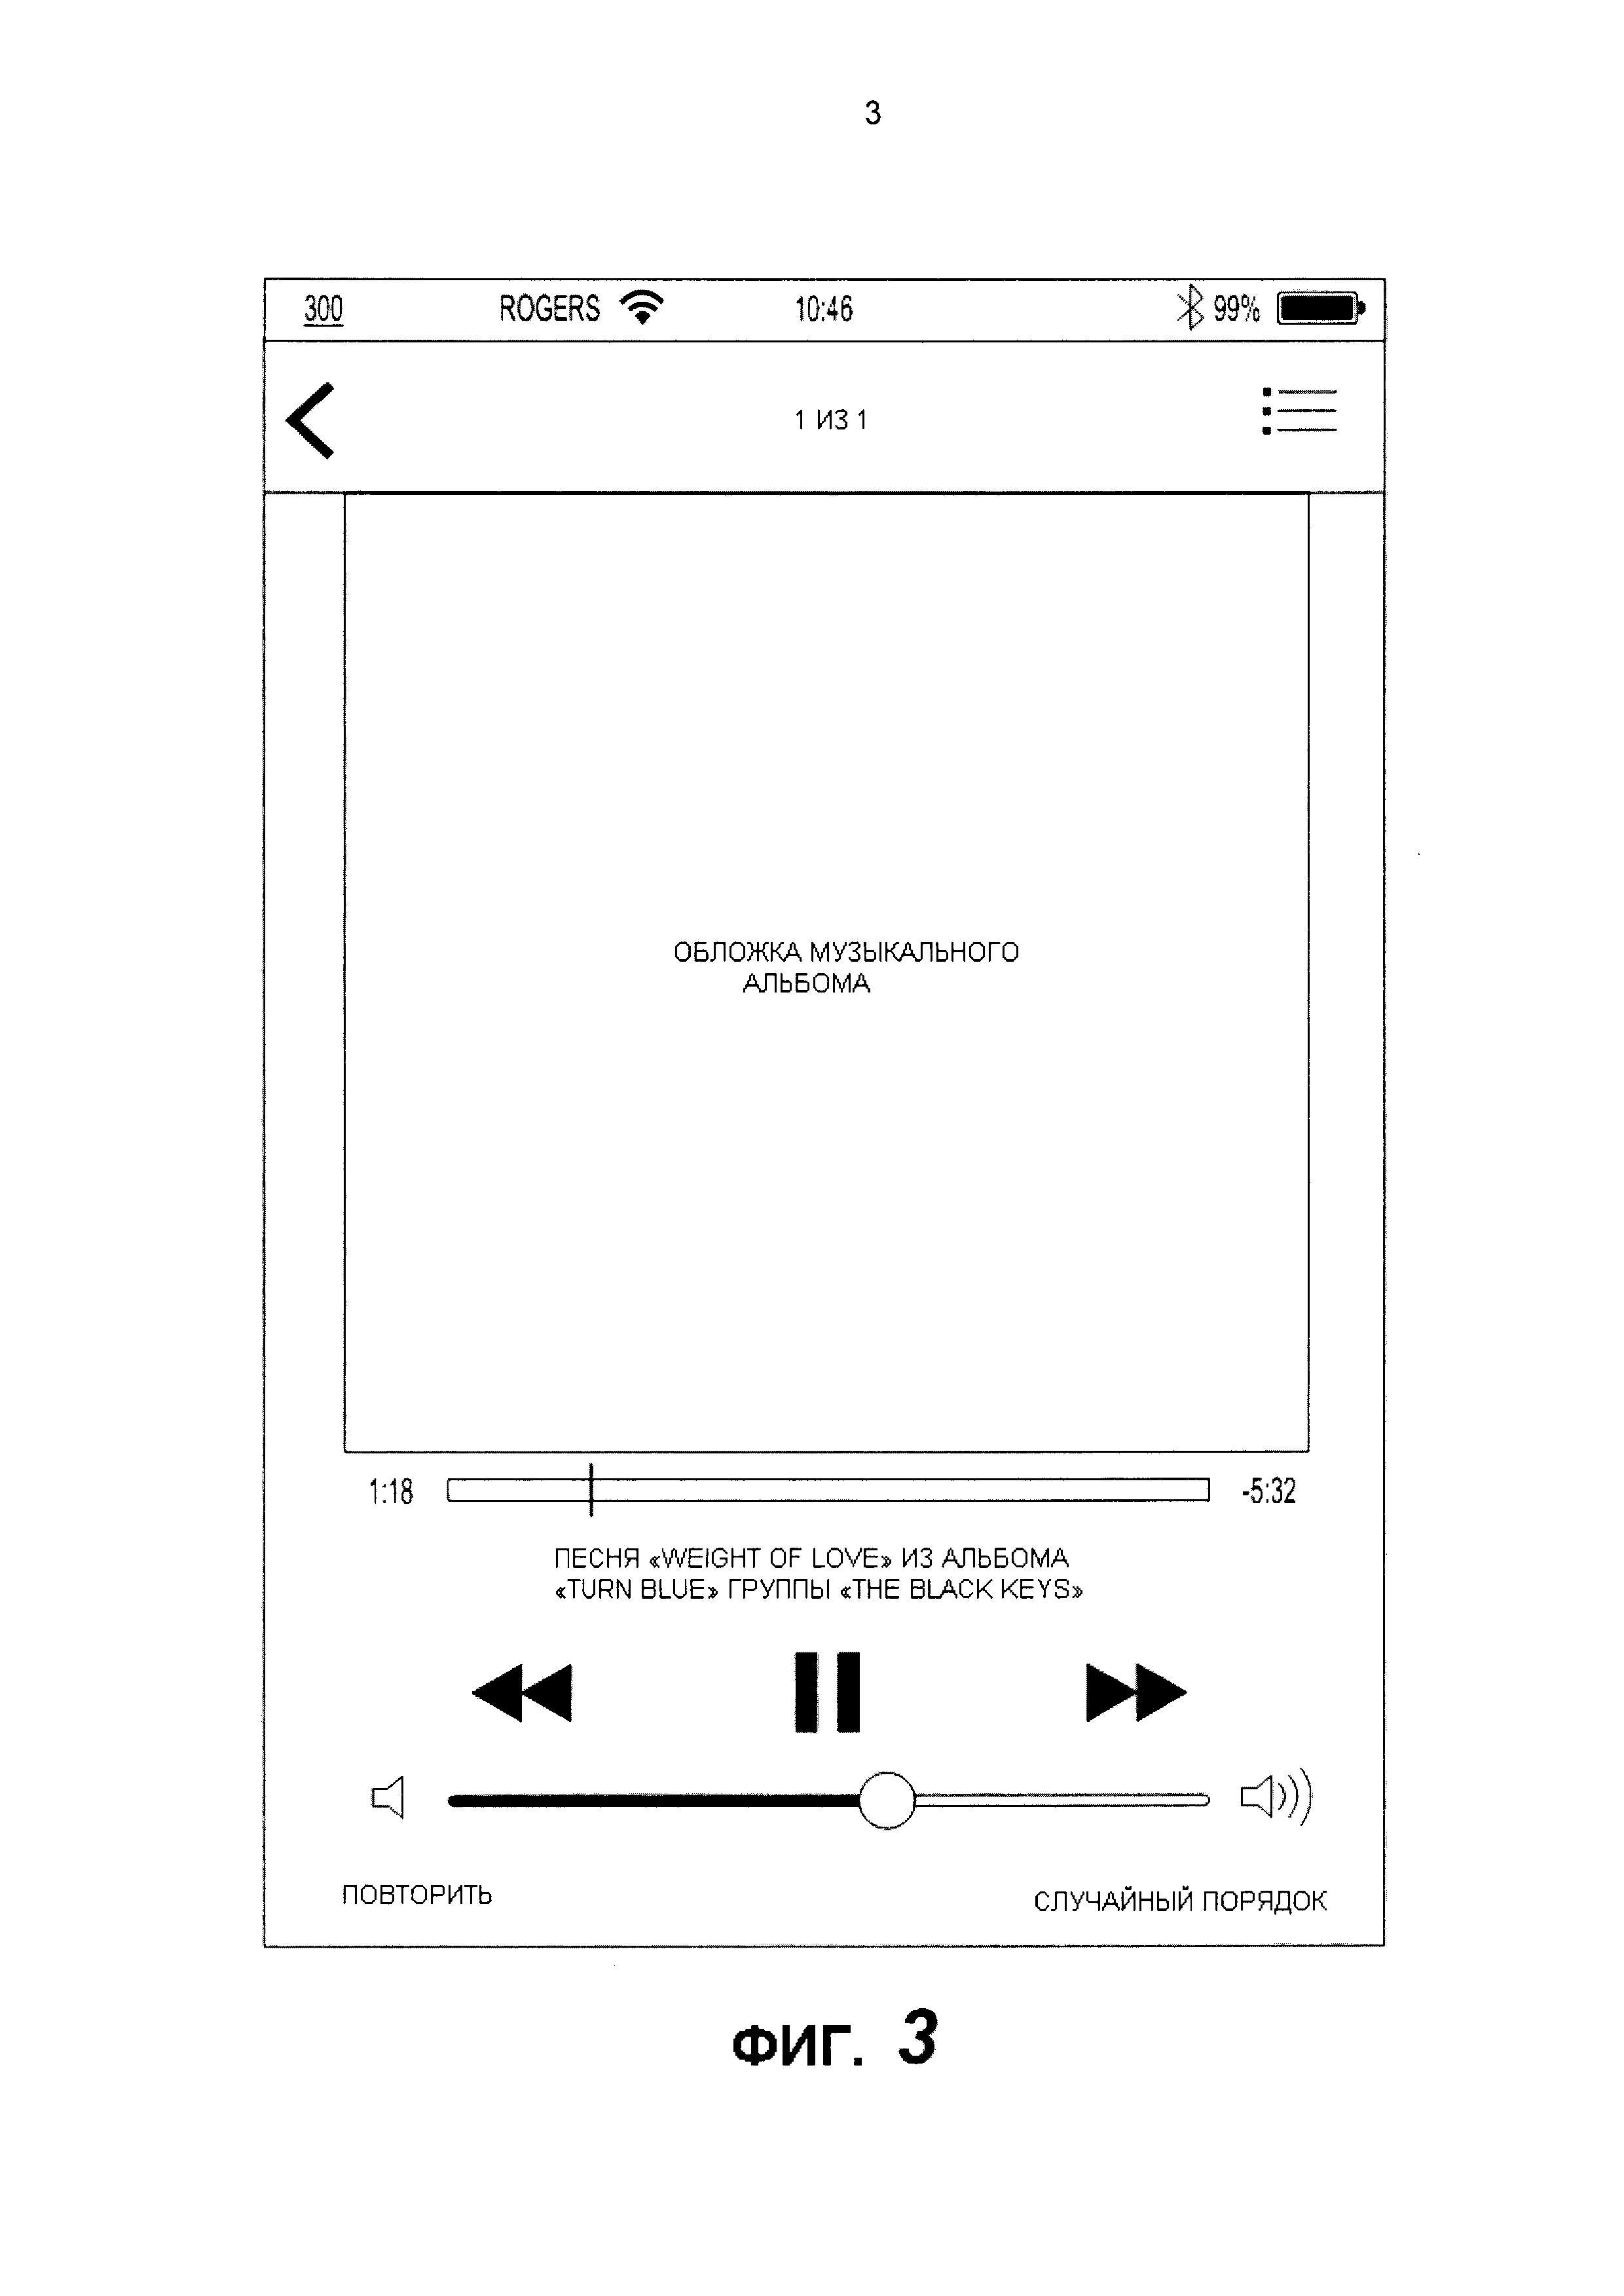 Способ (варианты) и электронное устройство (варианты) обработки речевого запроса пользователя